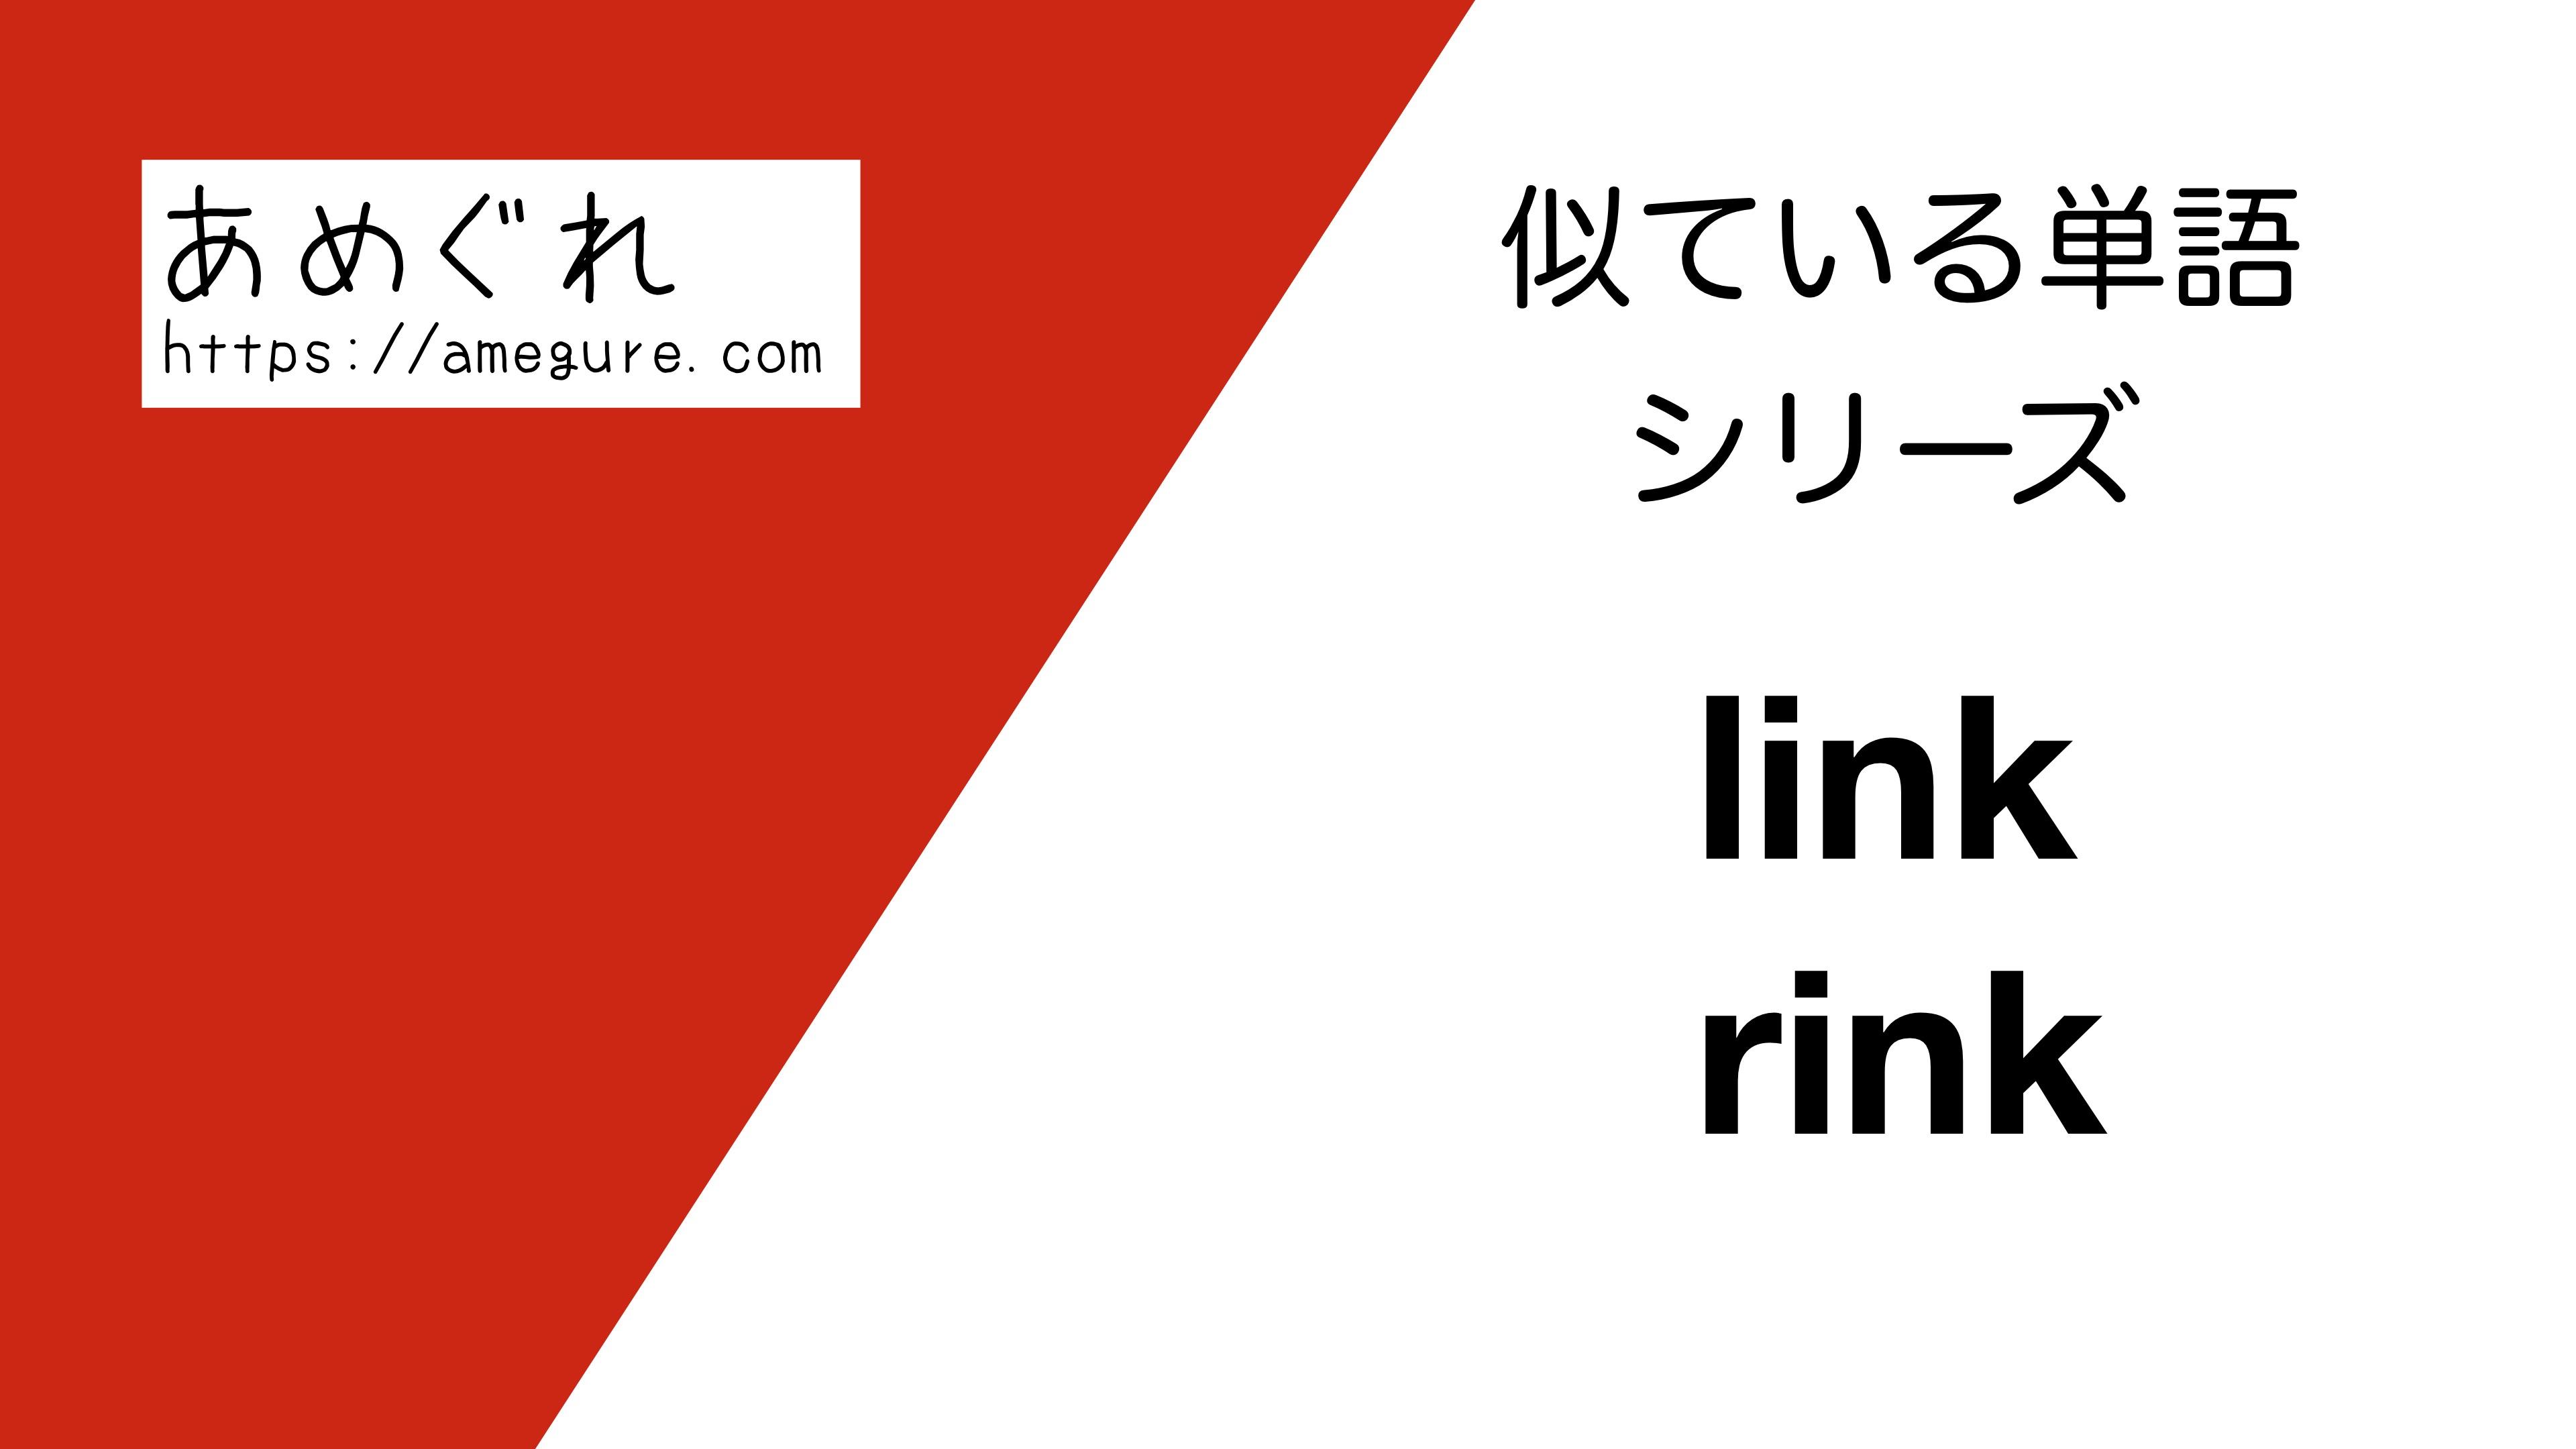 link-rink違い